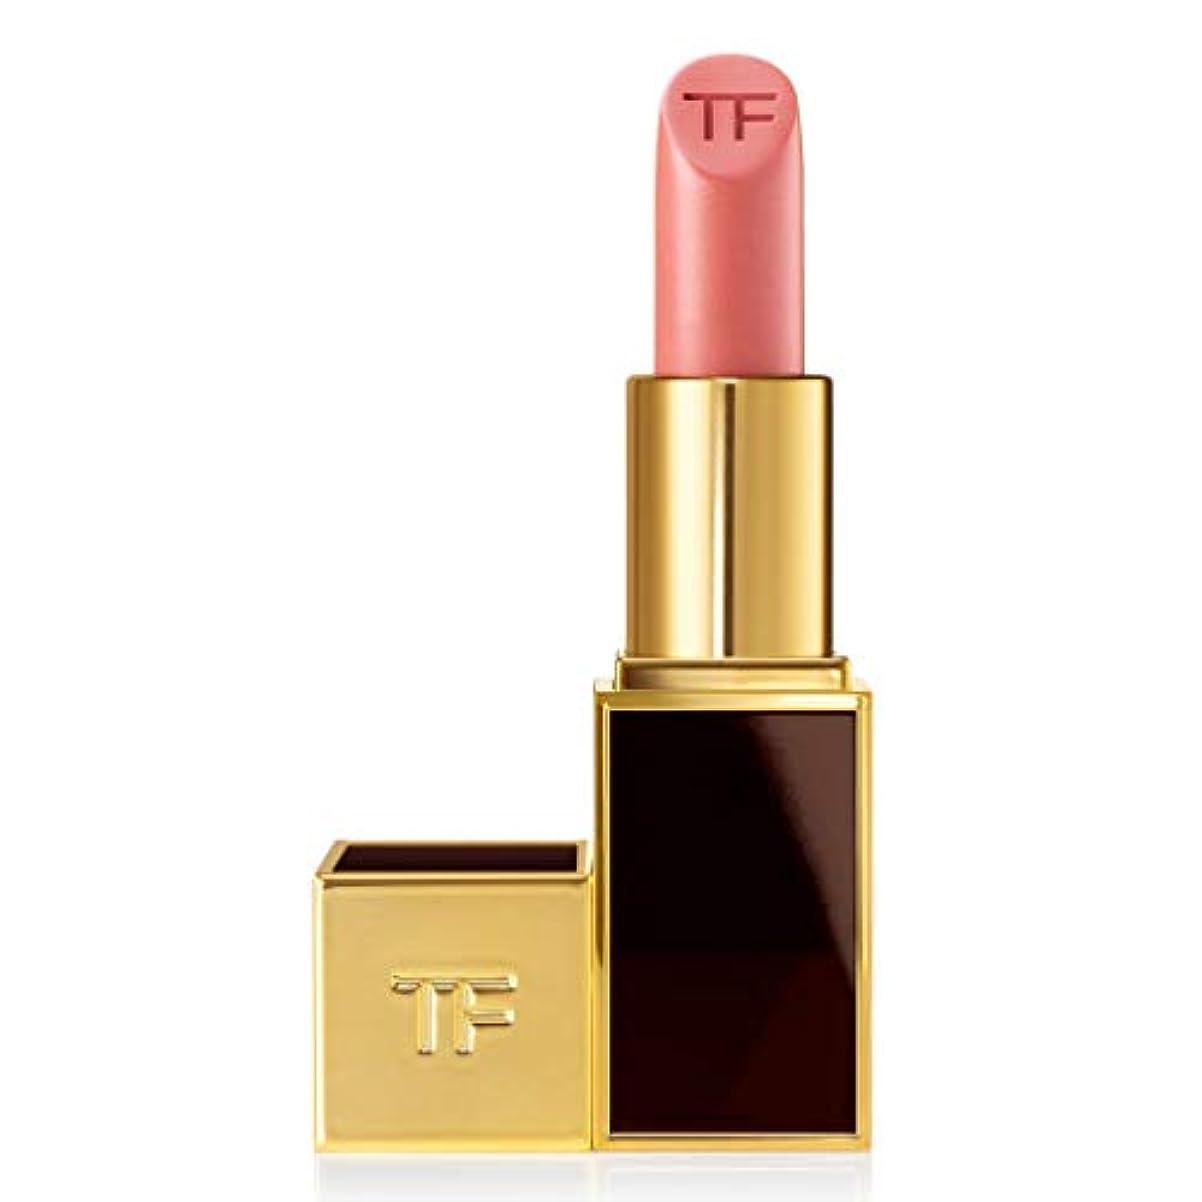 打ち上げる葡萄恥ずかしさ【トムフォード】リップ カラー #22 フォビドゥン ピンク 3g [並行輸入品]